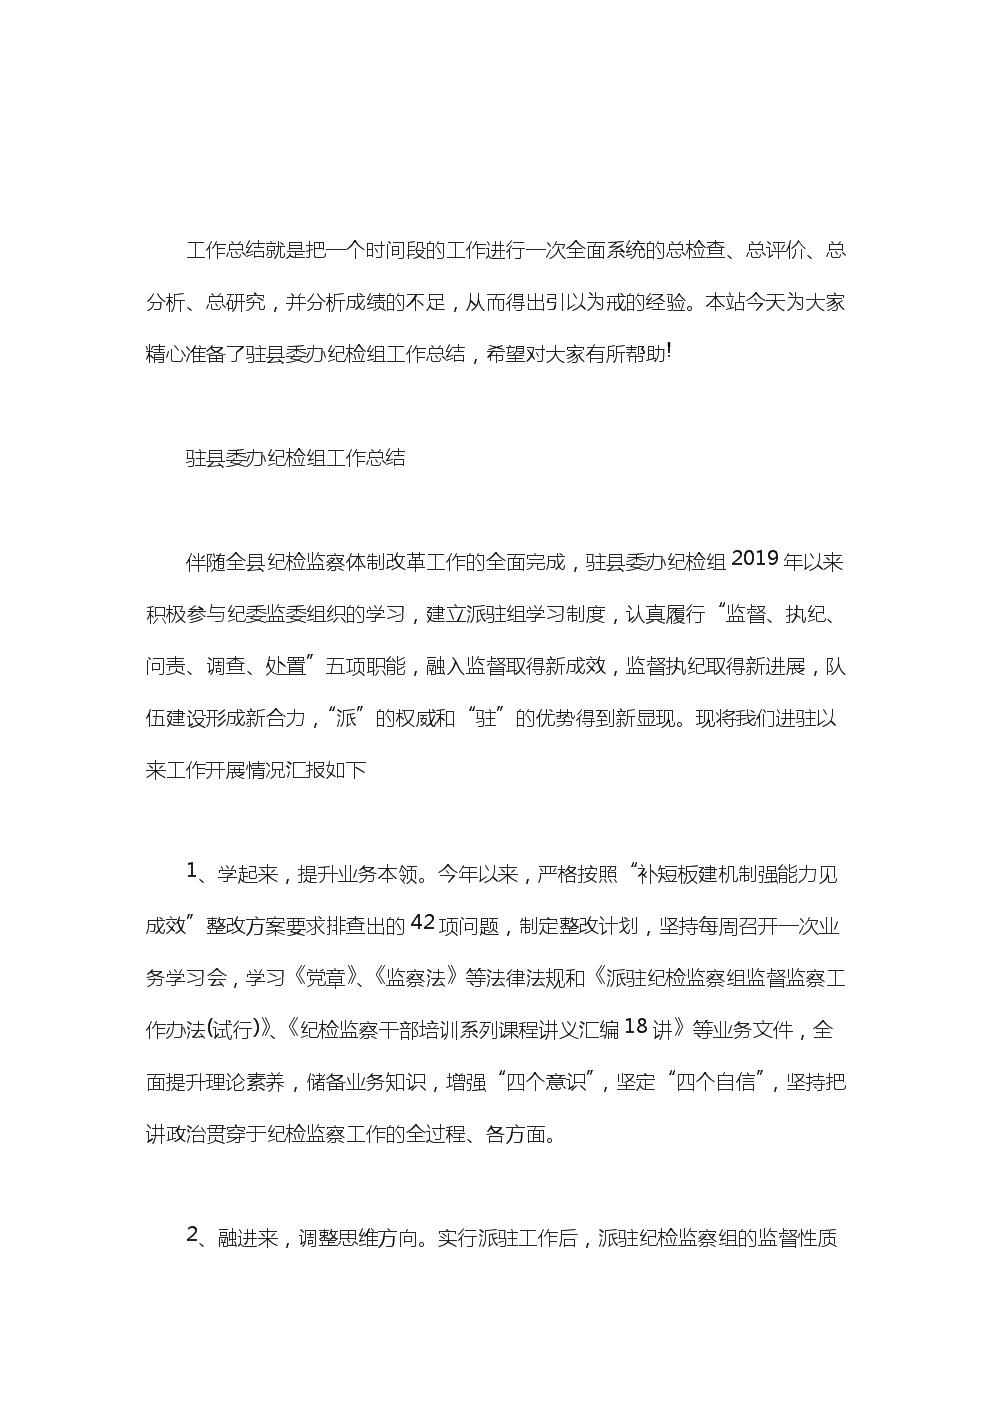 驻县委办纪检组工作总结.doc